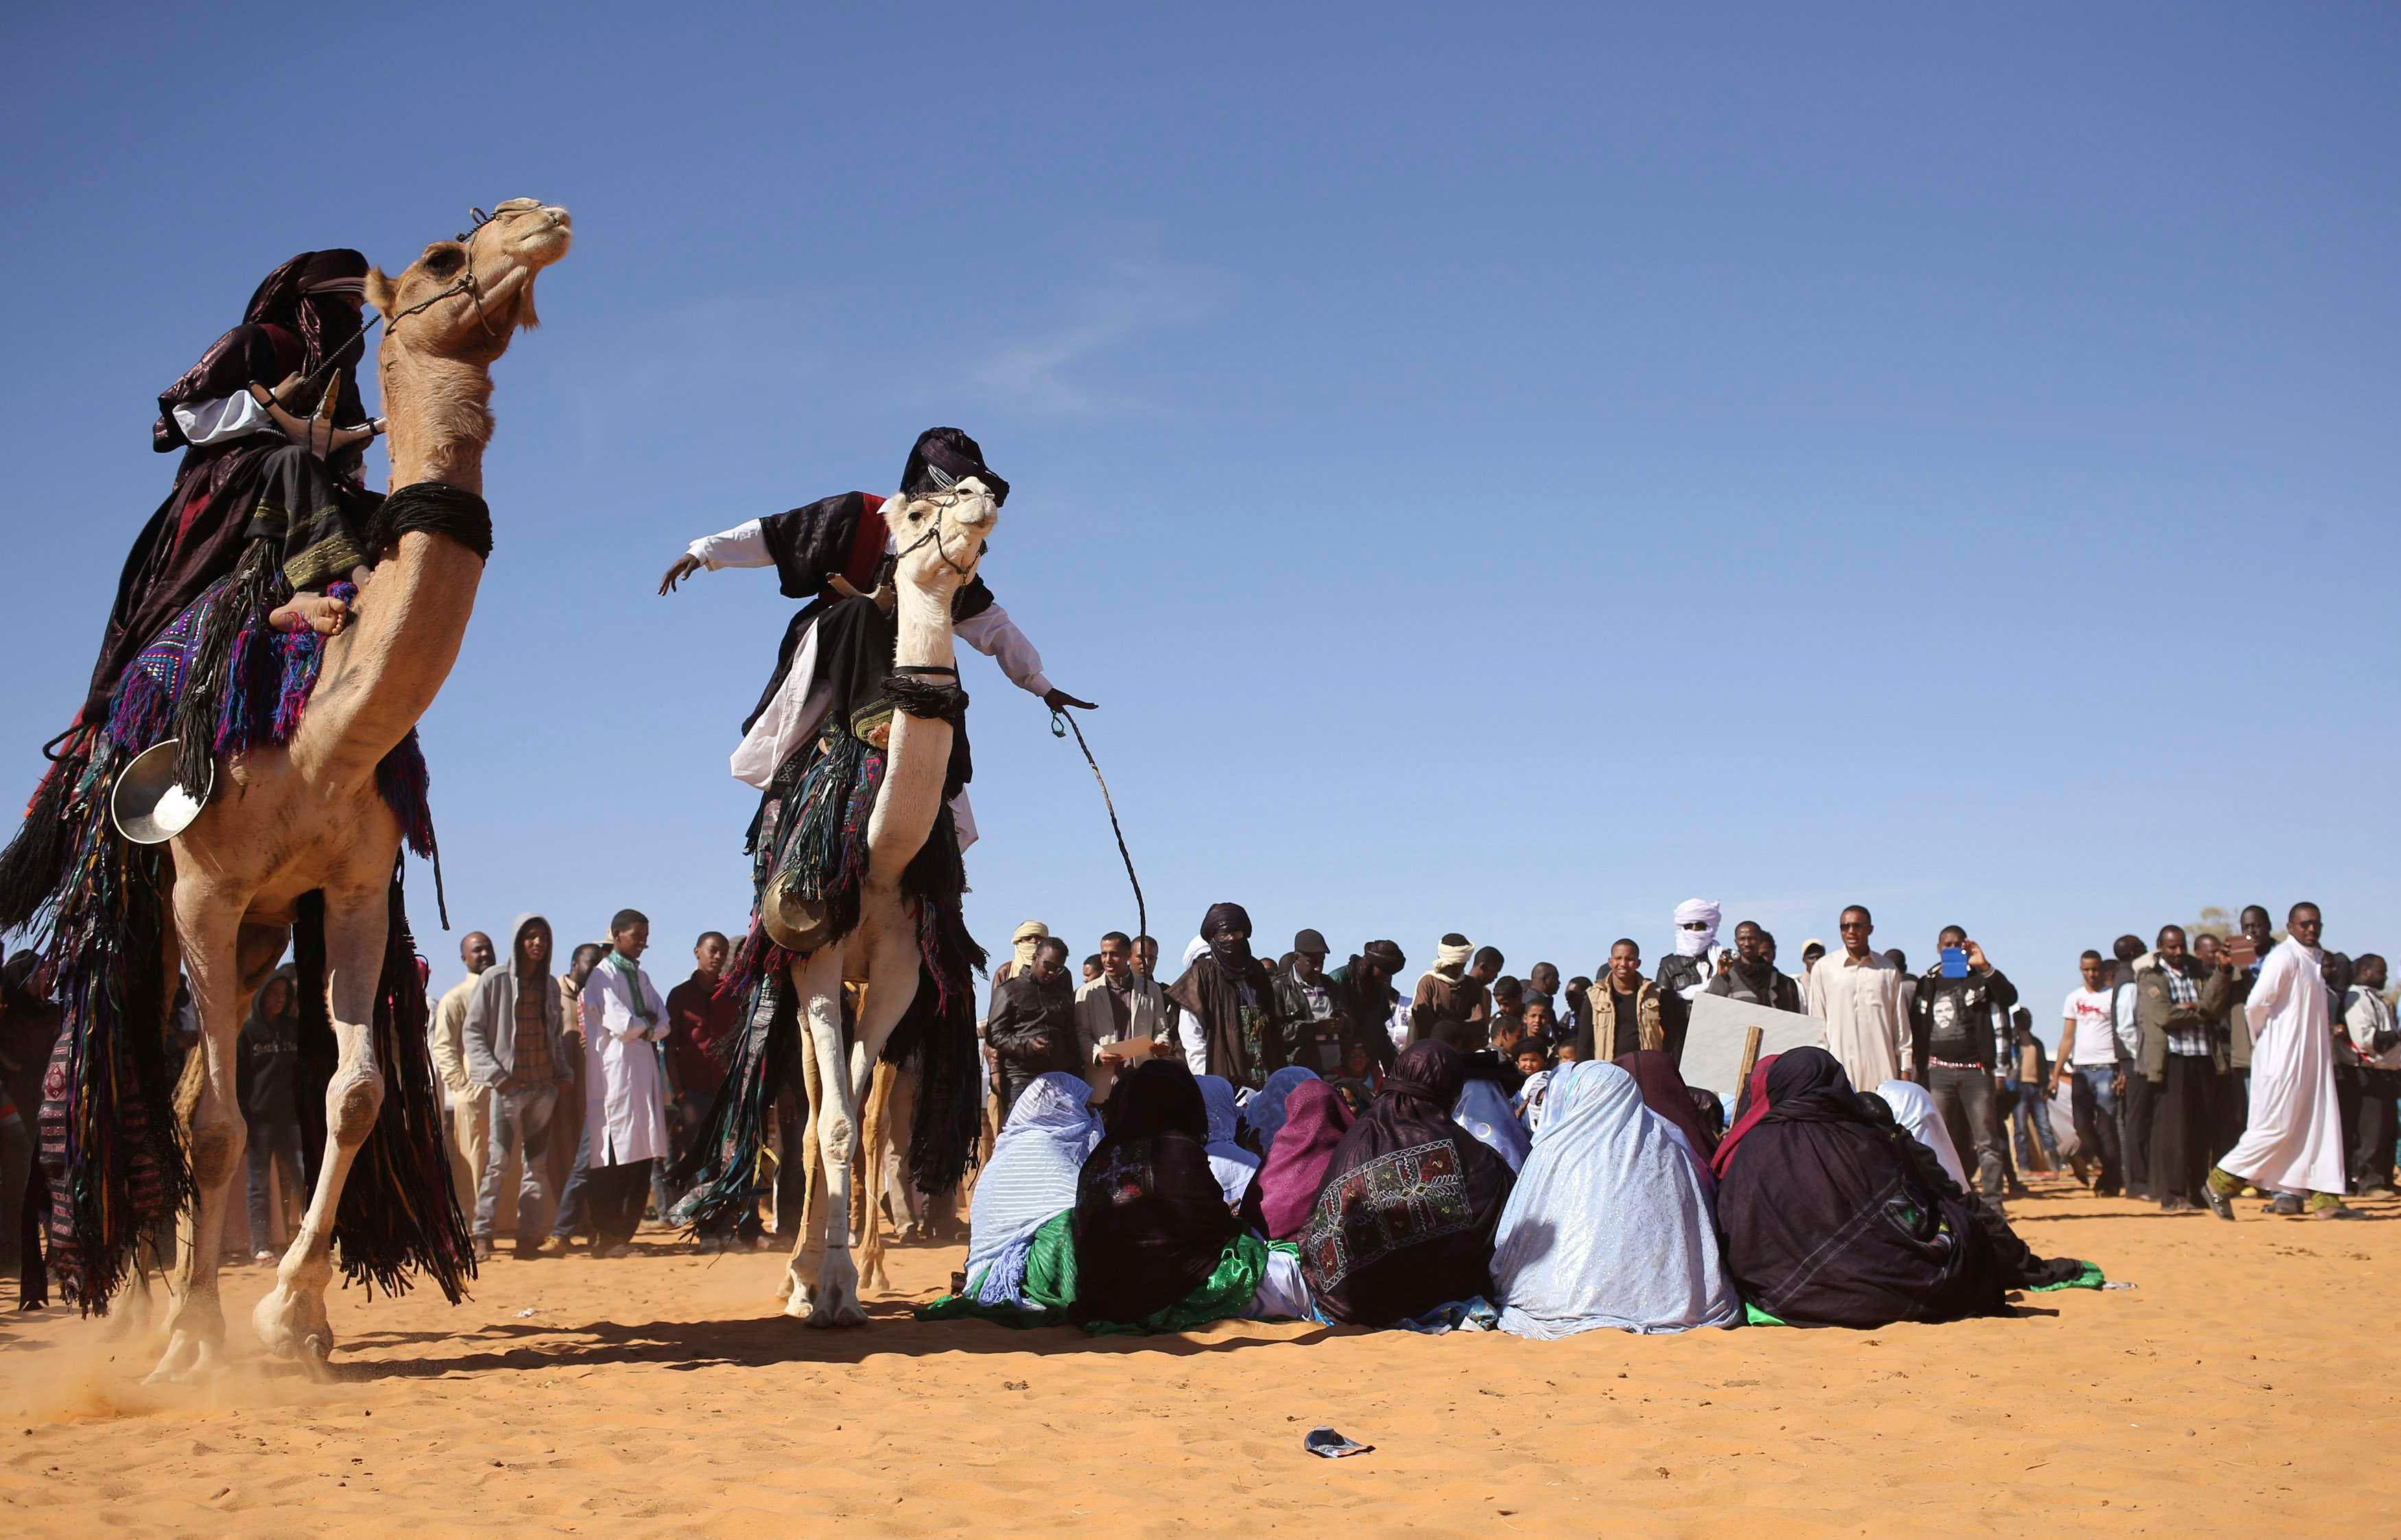 Libya's Ghat festival in the desert